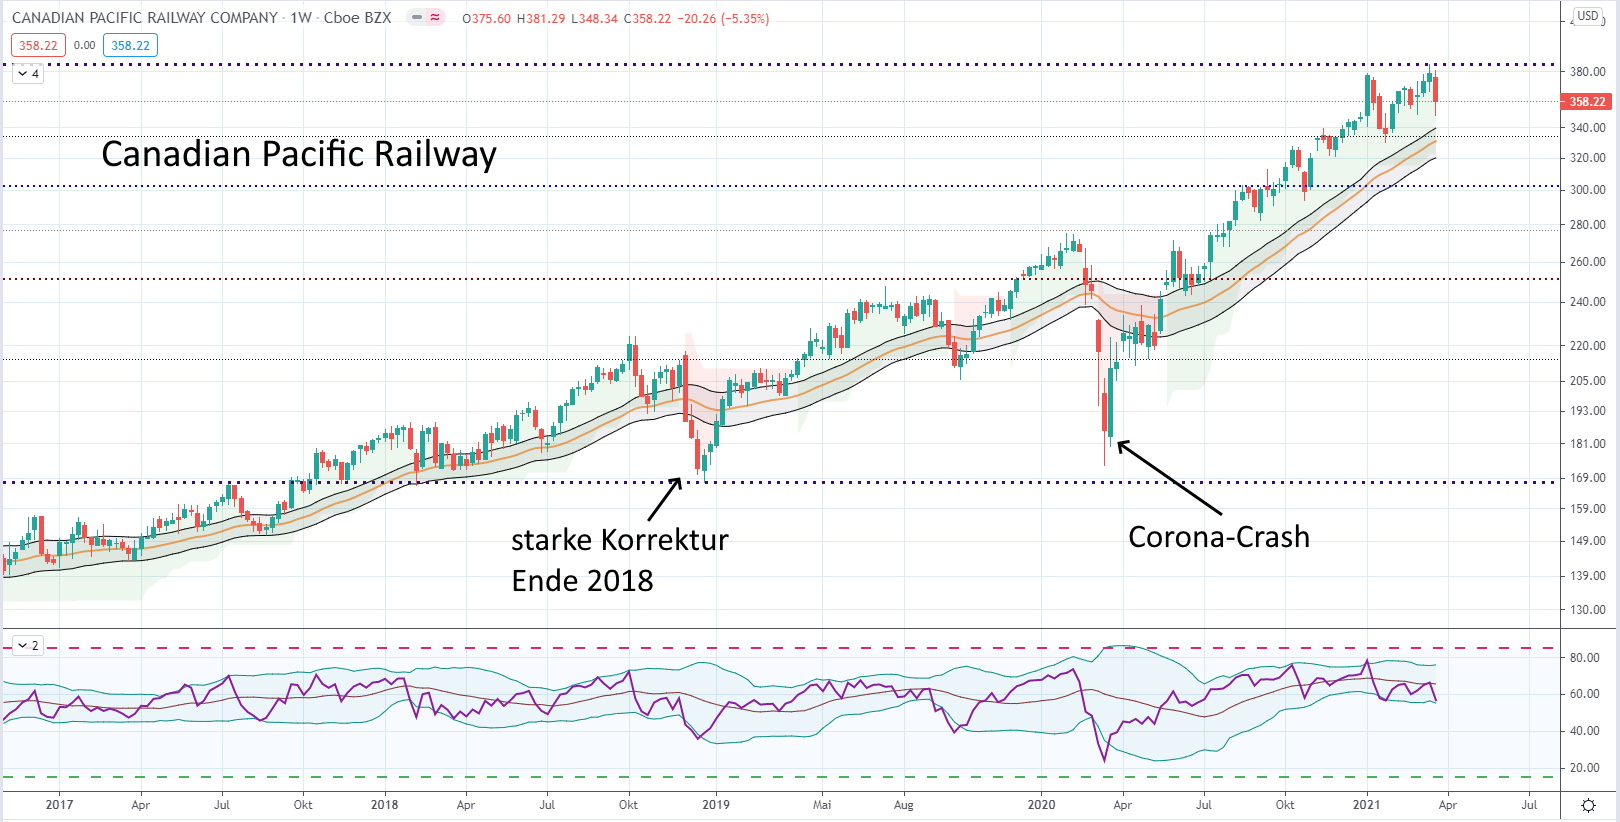 Aktien mit mehrjährigem Aufwärtstrend - Canadian Pacific Railway